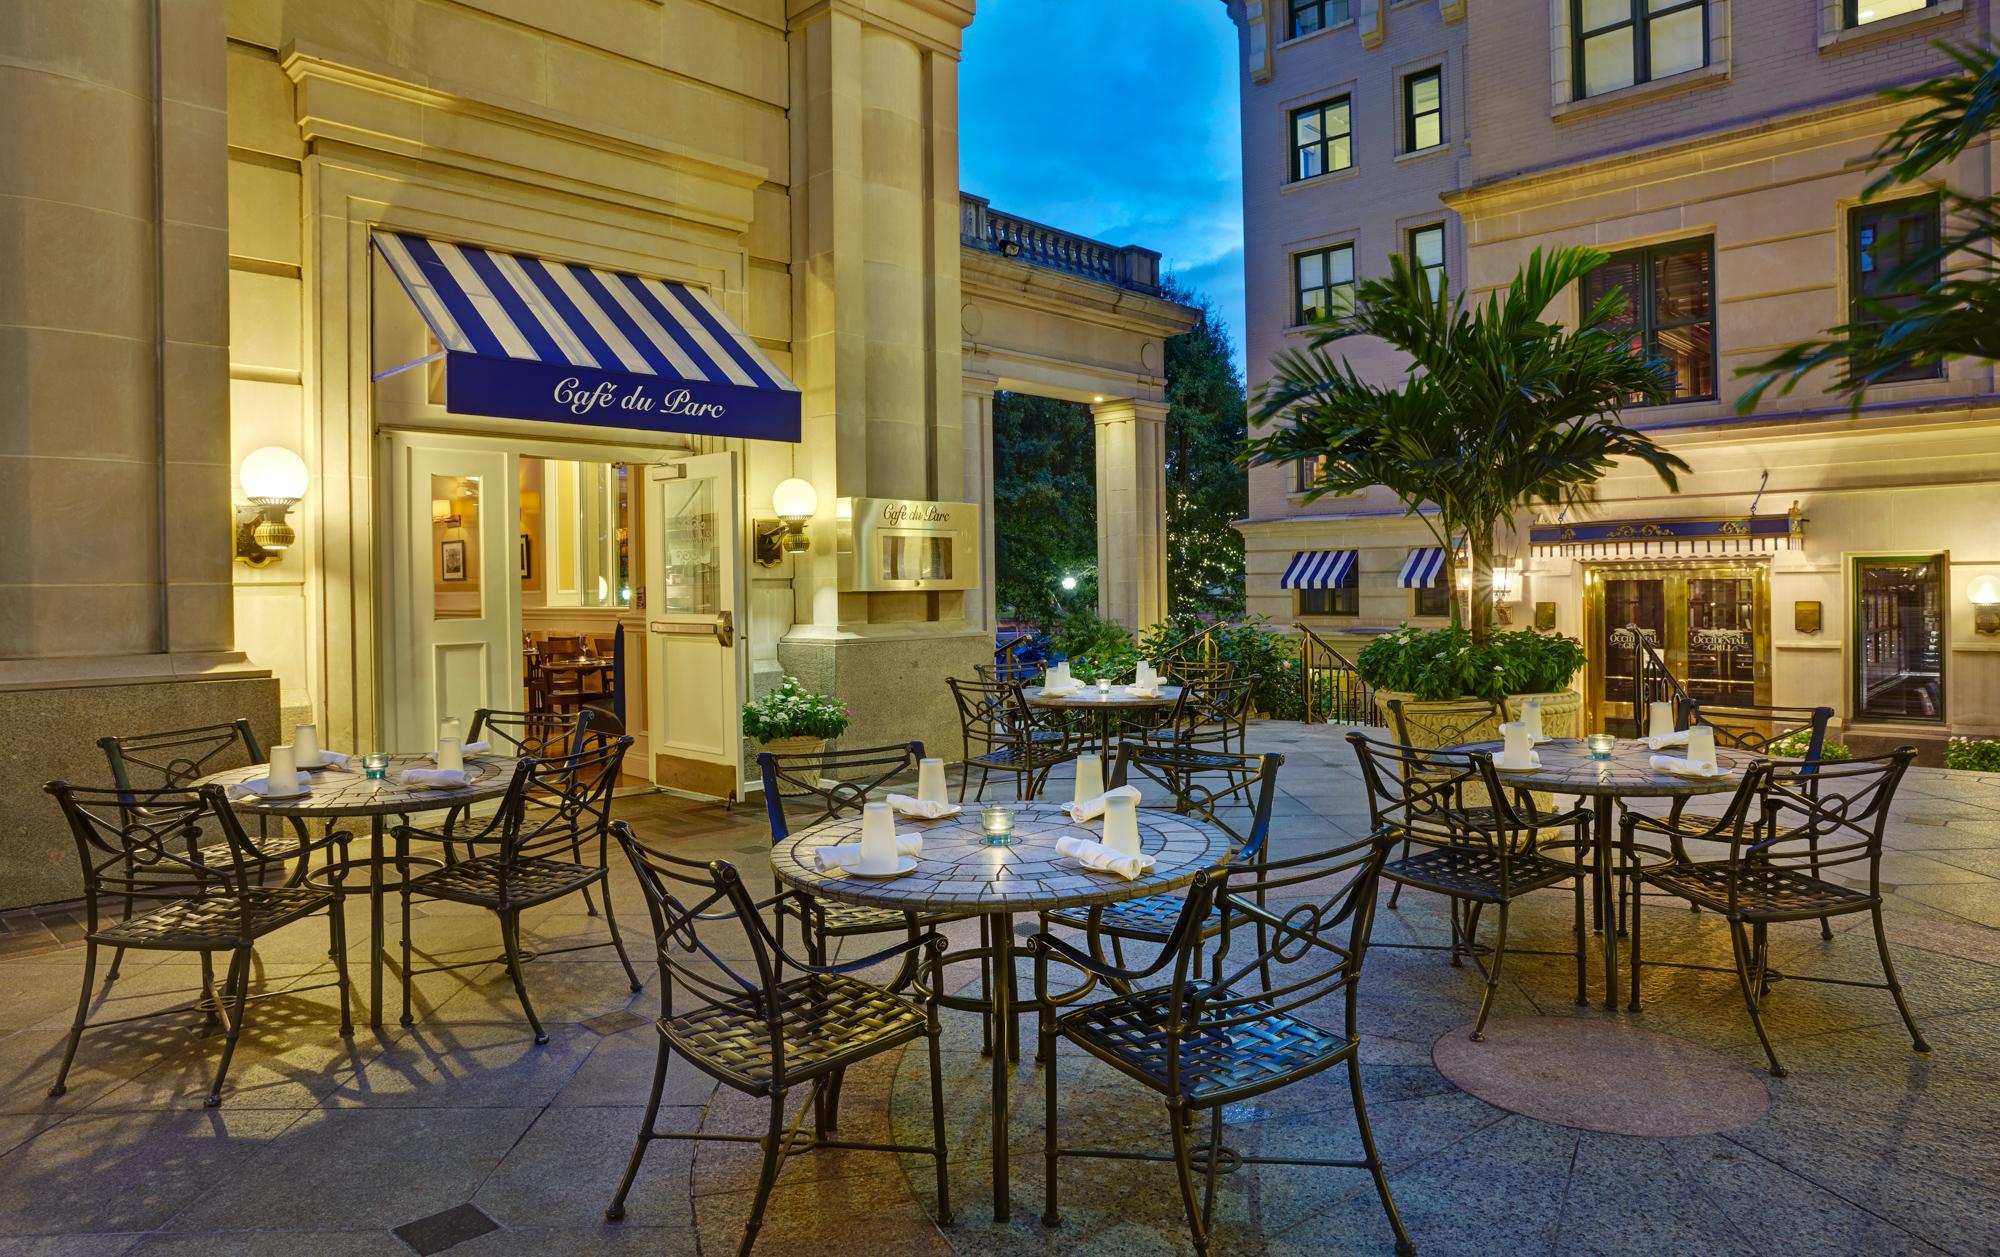 The terrace at Café du Parc. Photo courtesy of the restaurant.